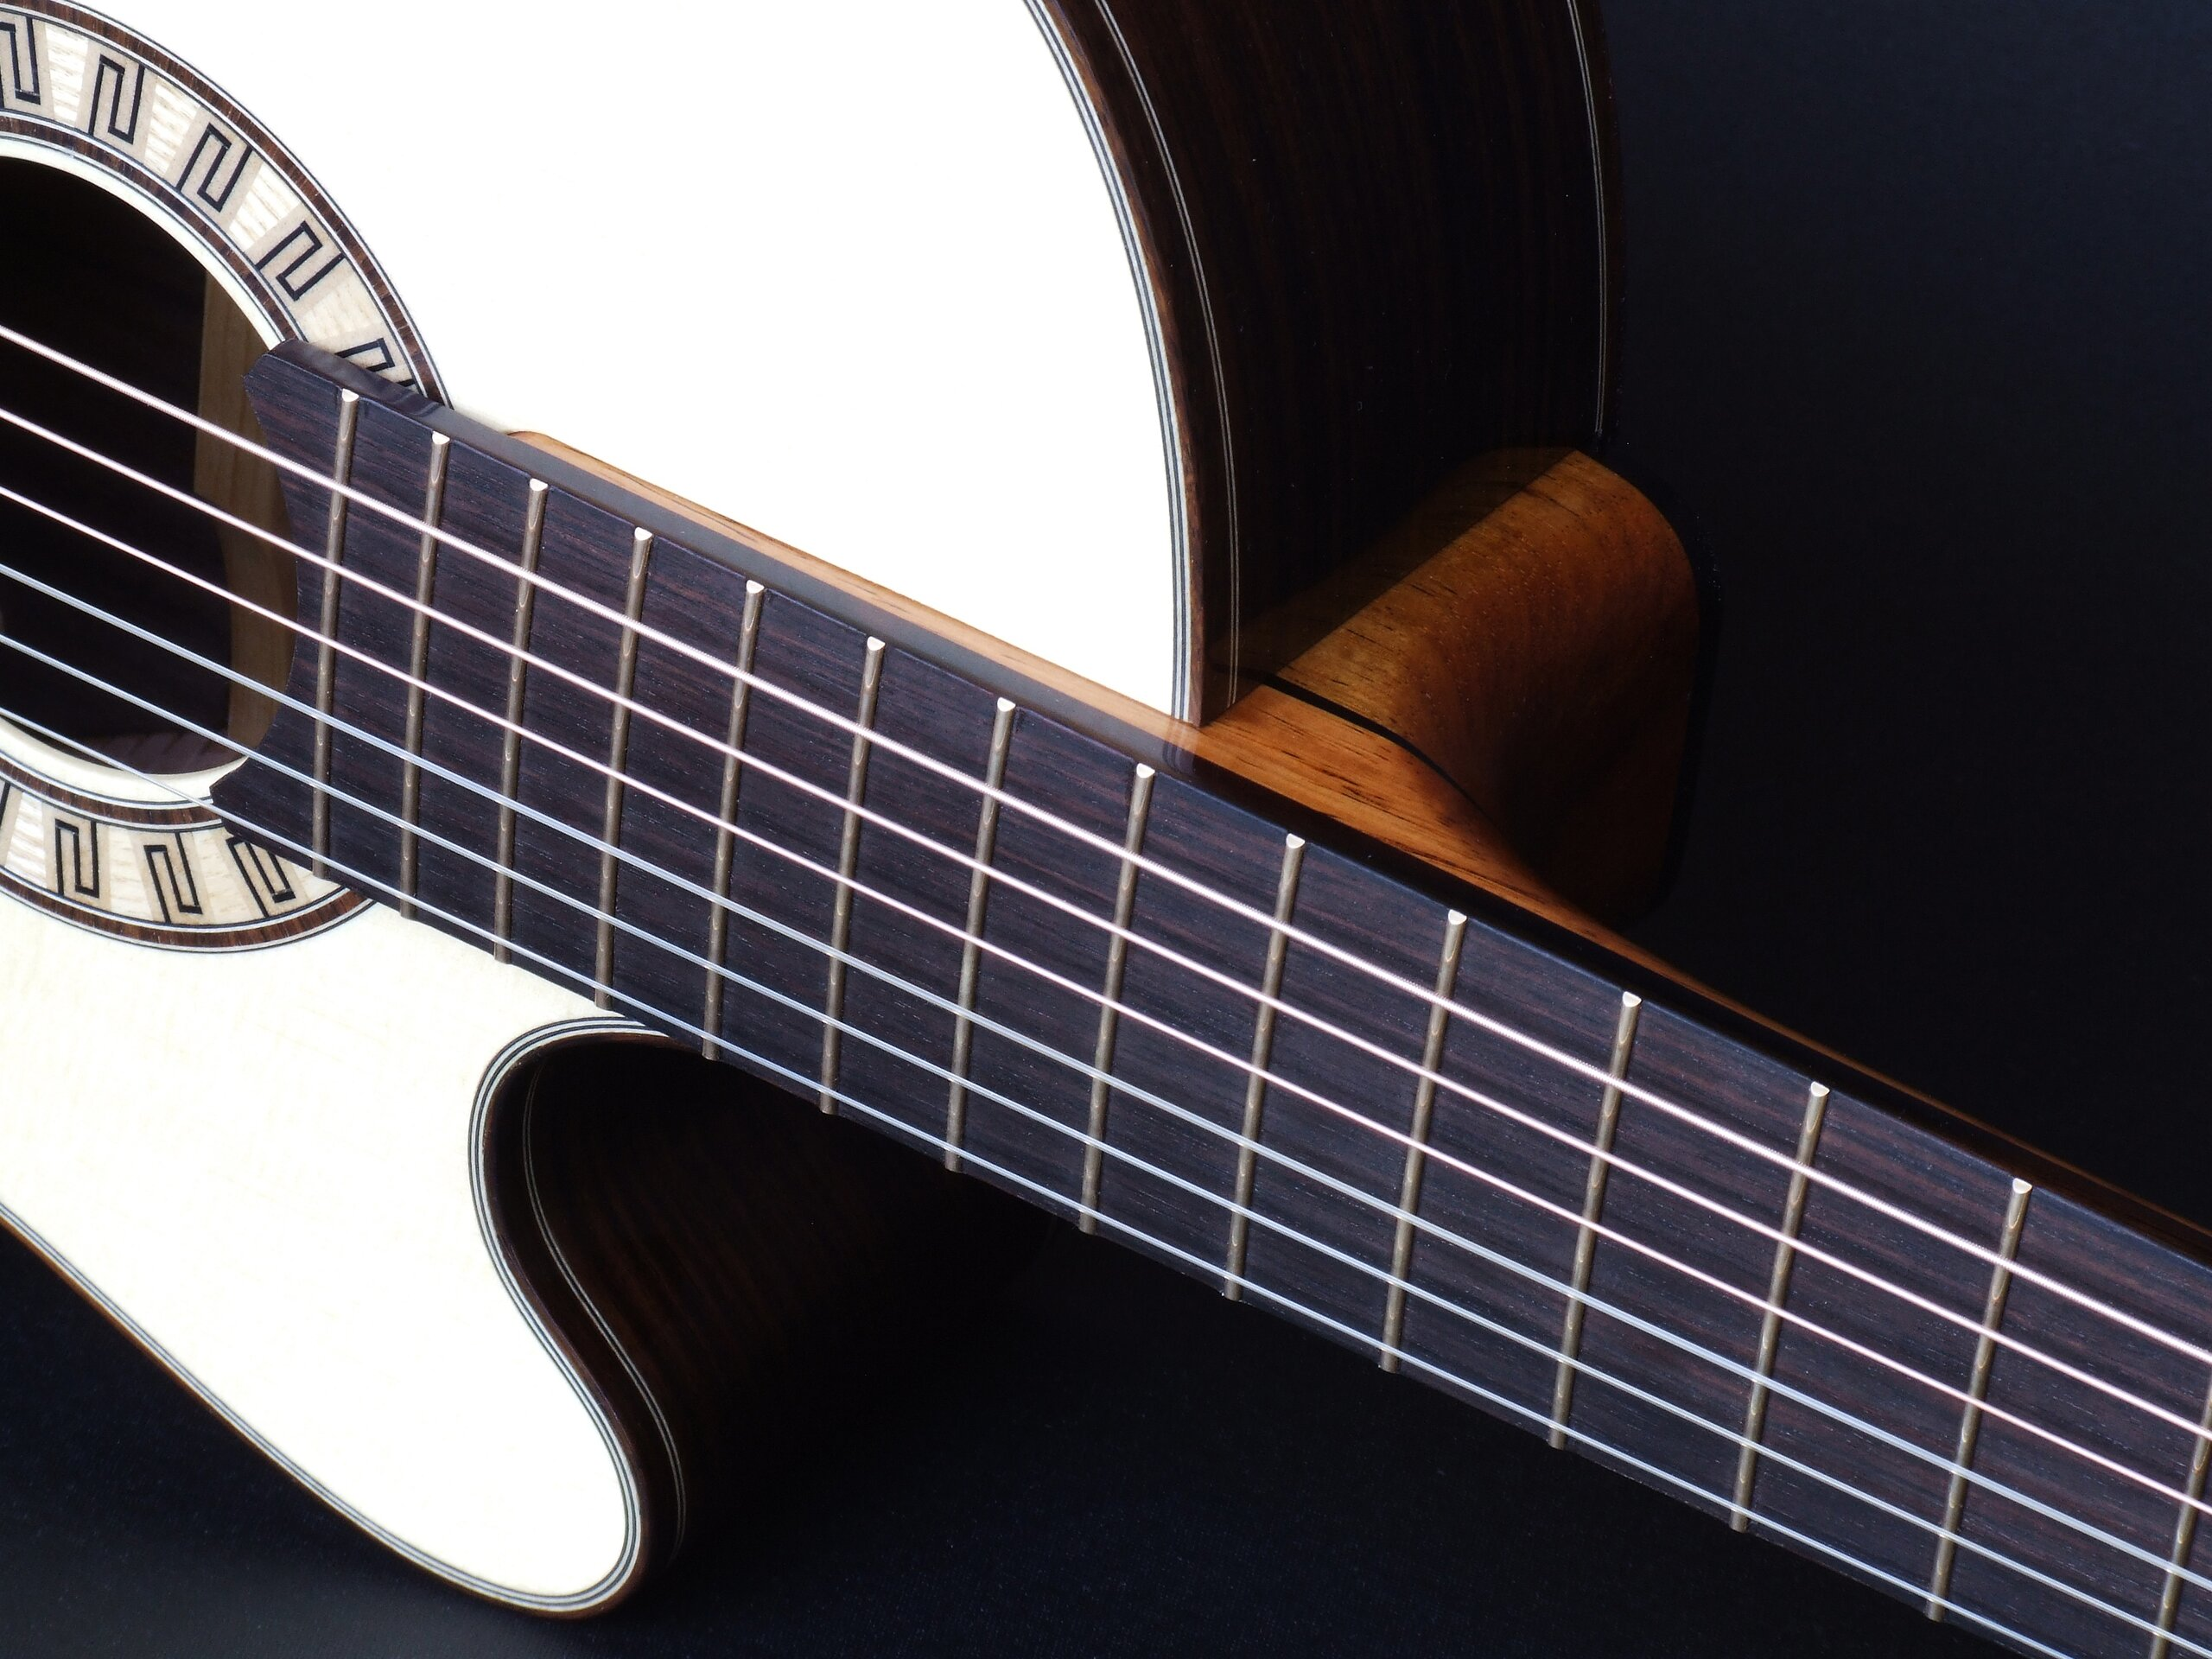 Tilt neck joint on a cutaway classical guitar